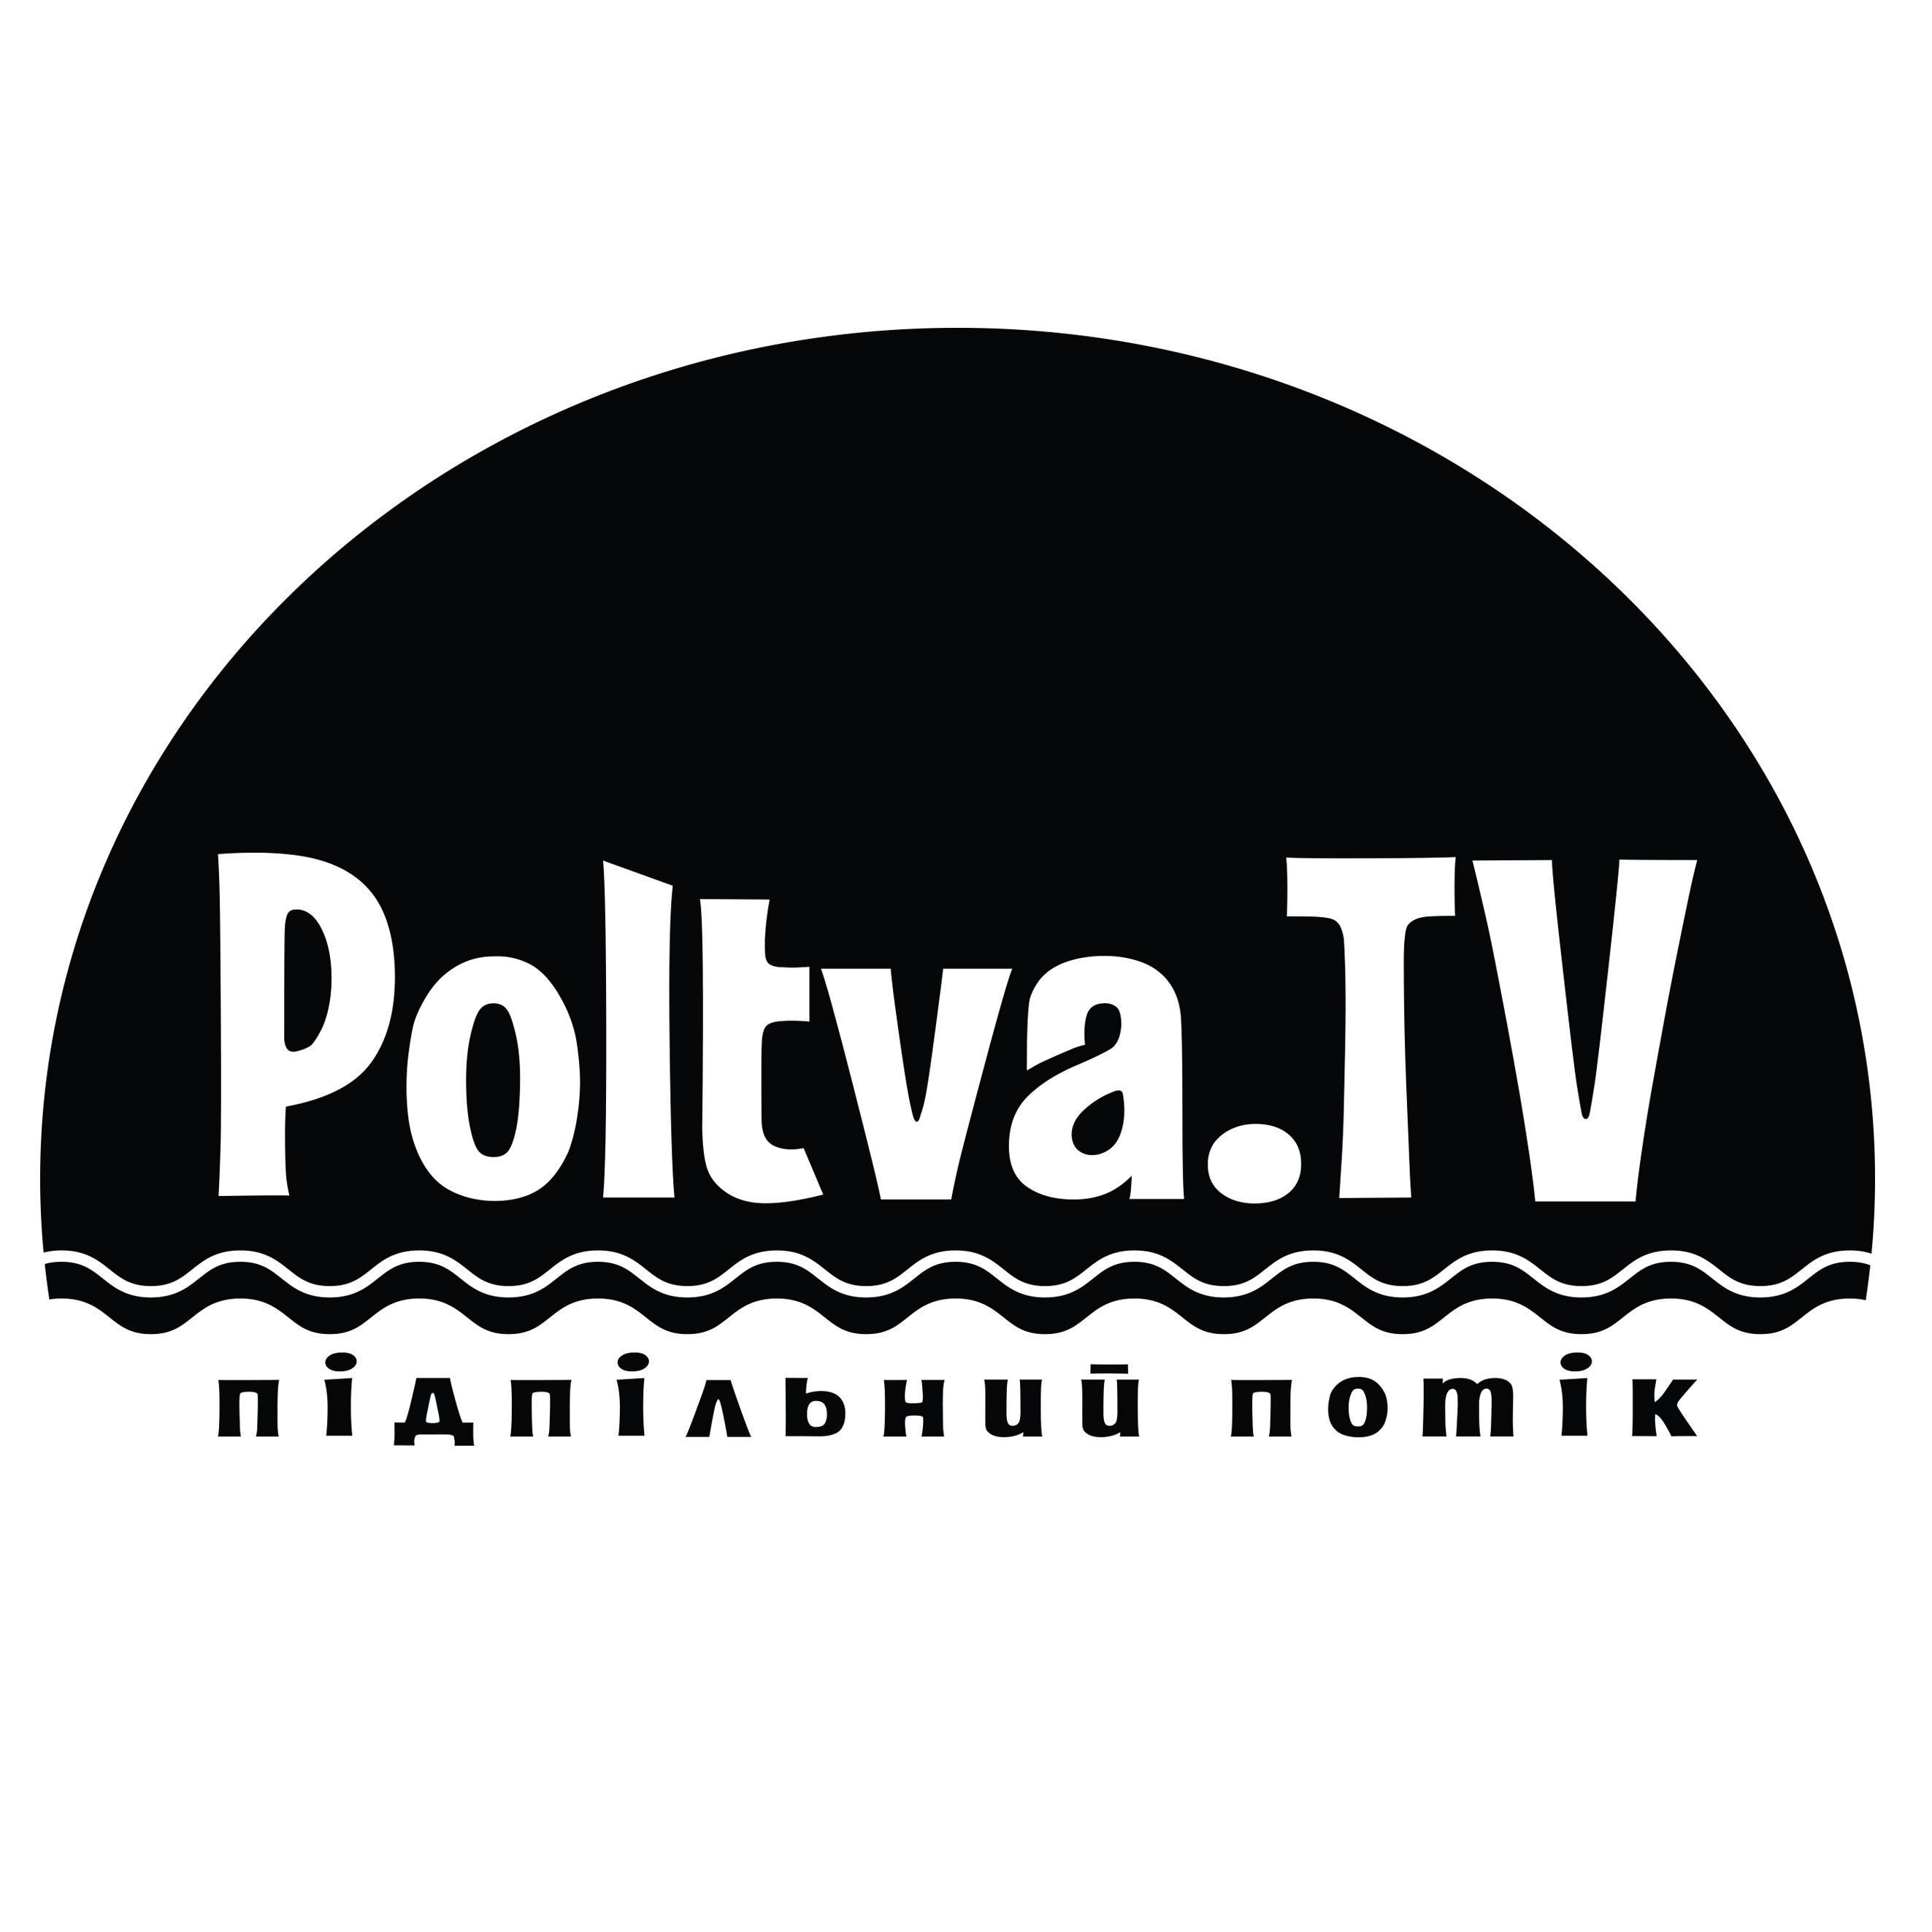 Poltva TV